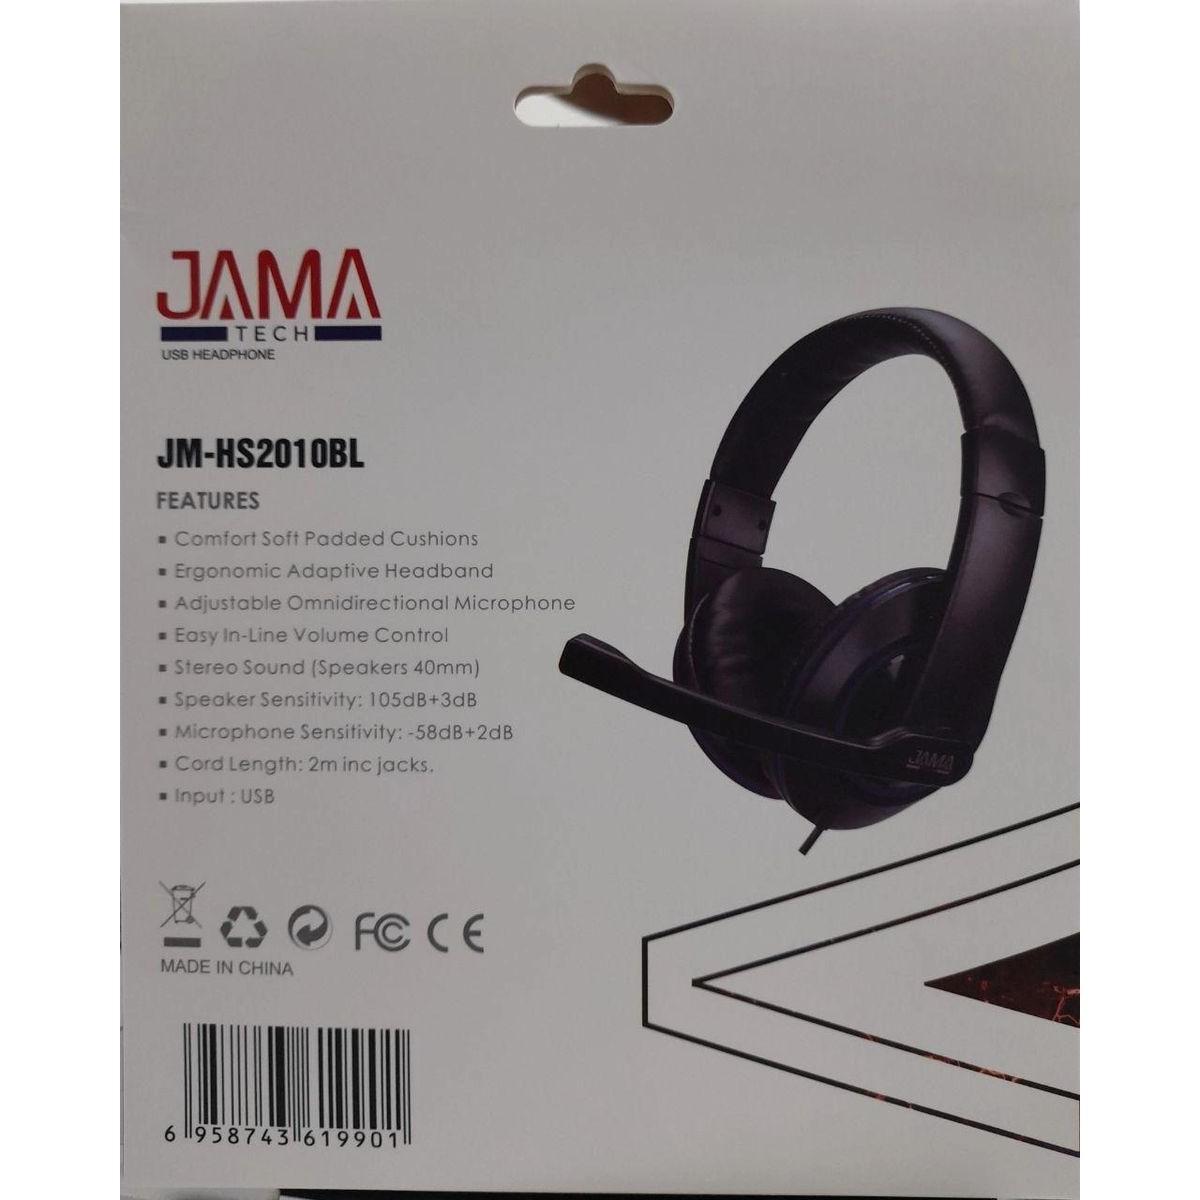 audifono multimedia usb c control de volumen jamatech 2 1 1